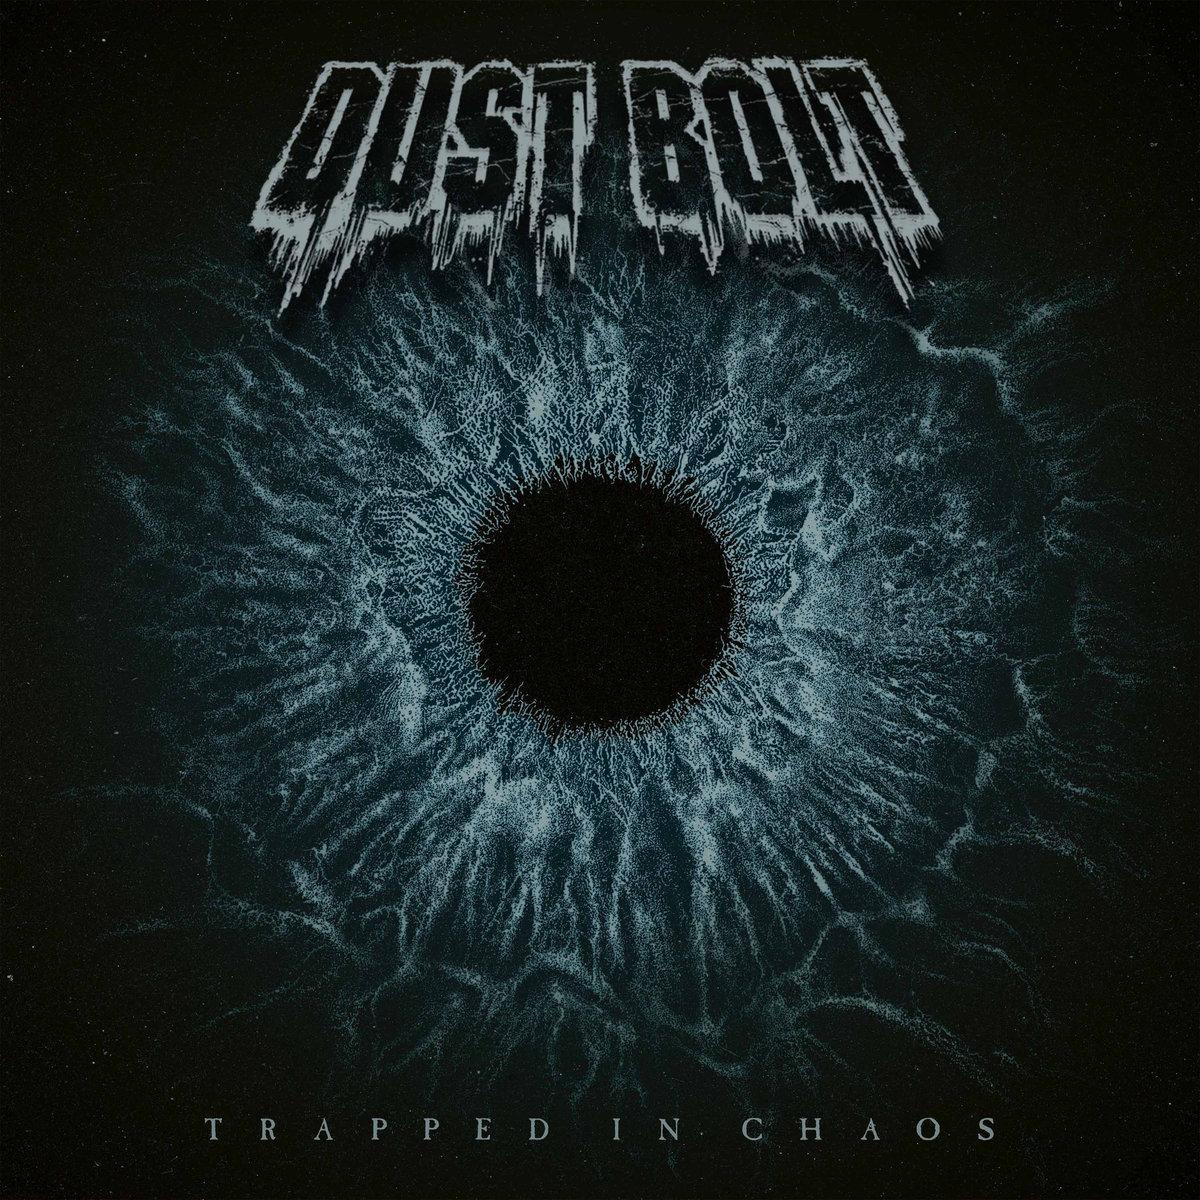 DUST BOLT dévoile le clip vidéo de la chanson «Trapped In Chaos»